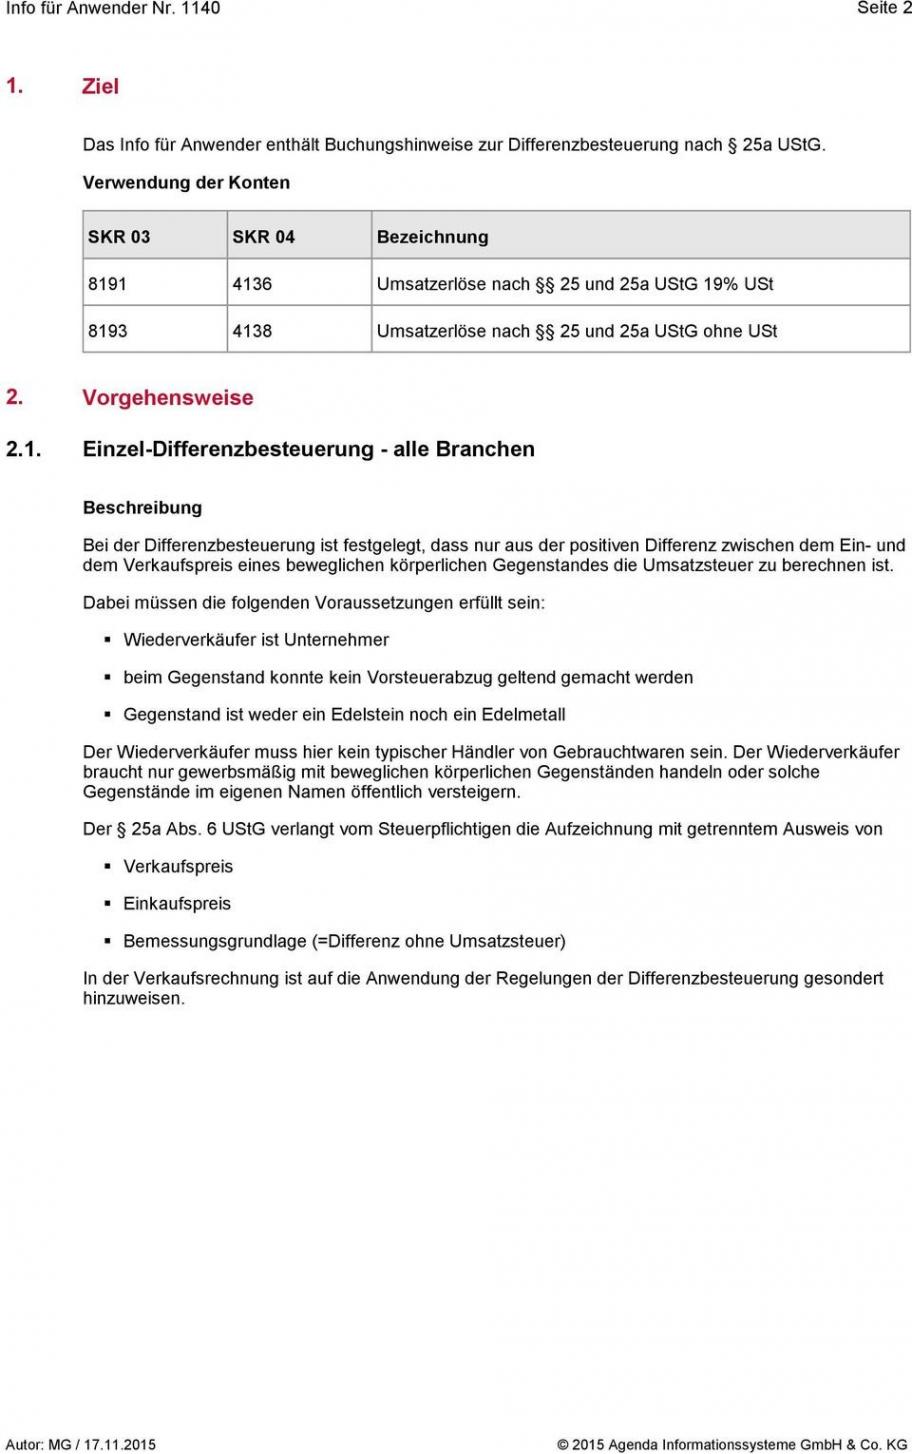 bearbeitbar von 10 differenzbesteuerung nach §25a ustg rechnung muster differenzbesteuerung rechnung vorlage pdf